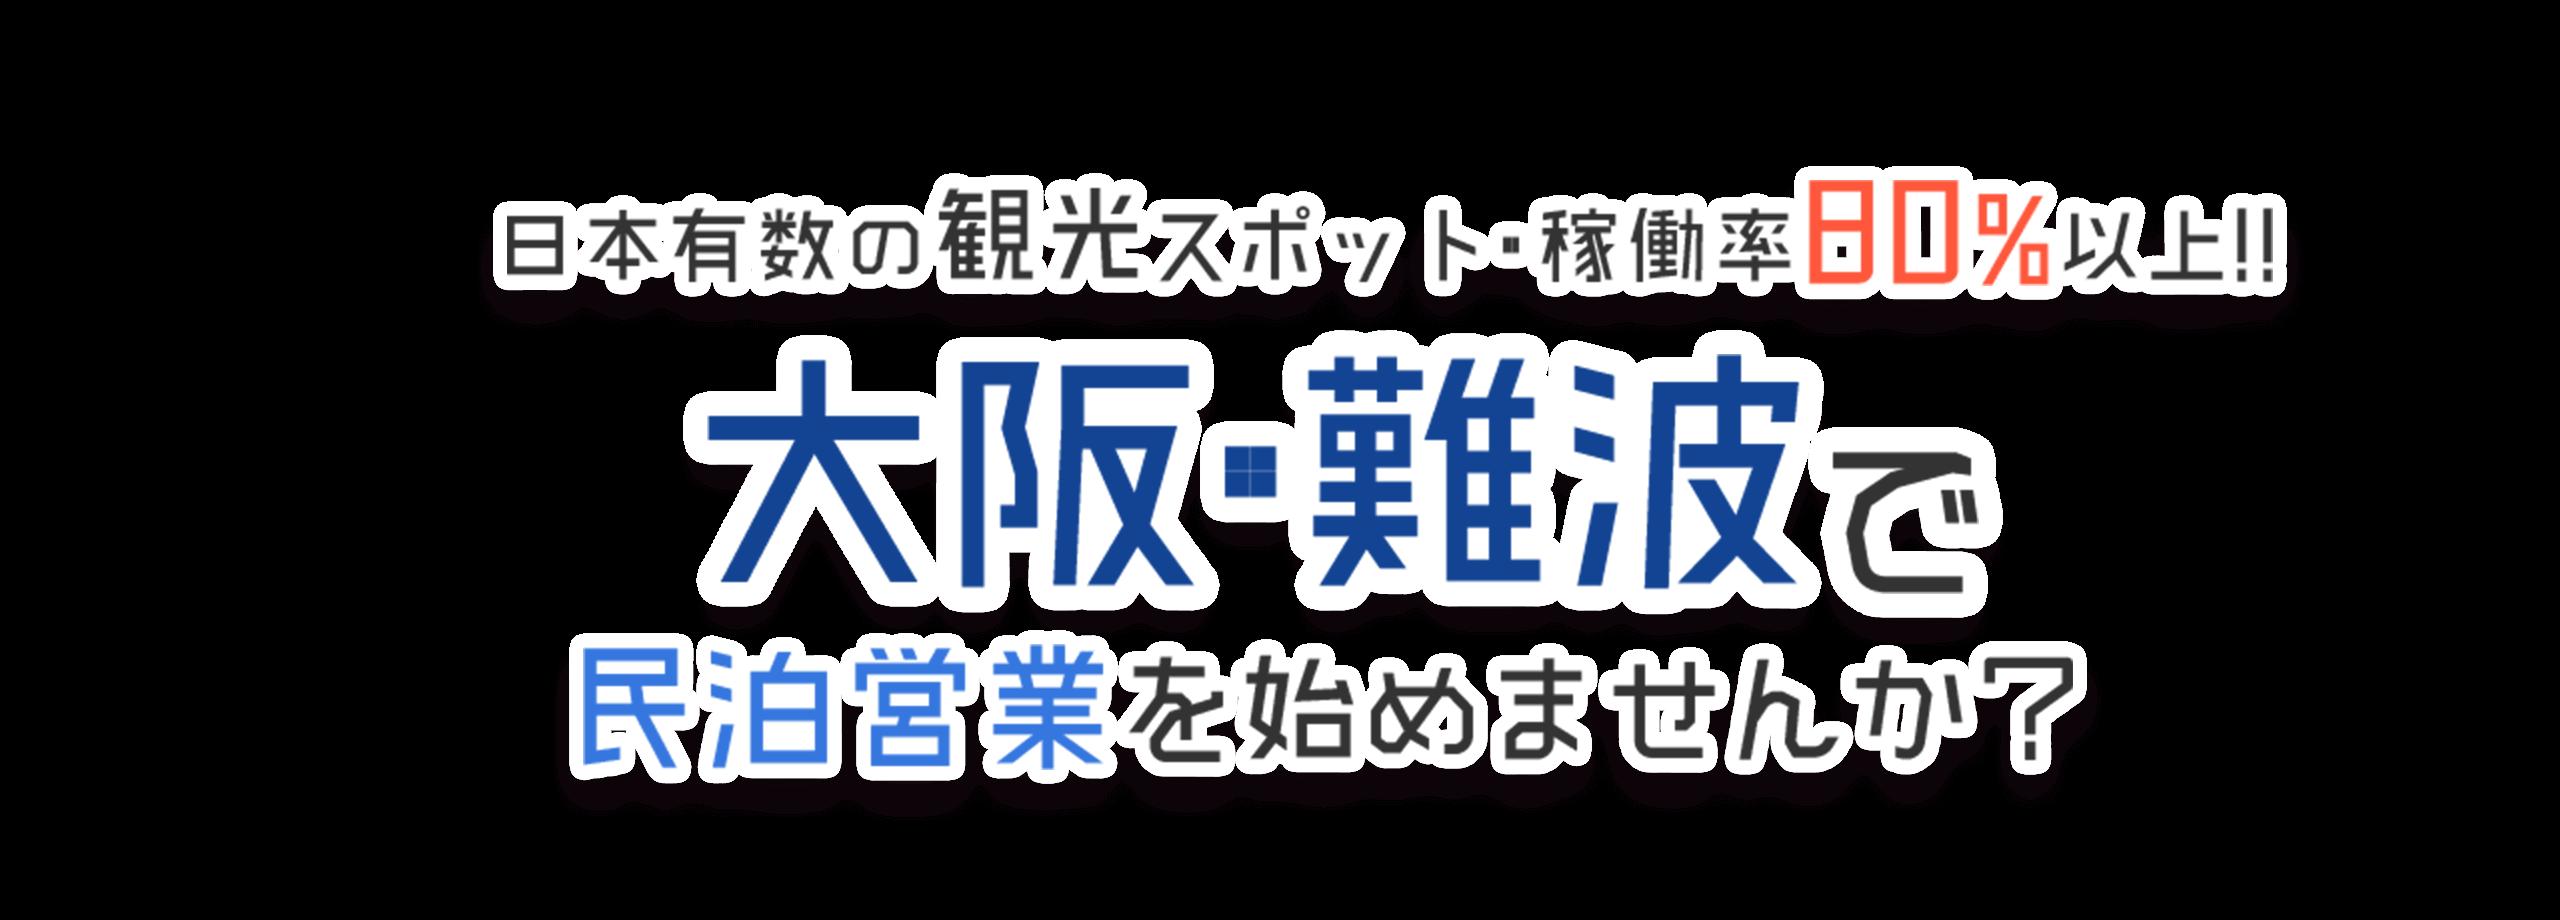 日本有数スポット・稼働率80%以上!!大阪難波で民泊営業を始めませんか?